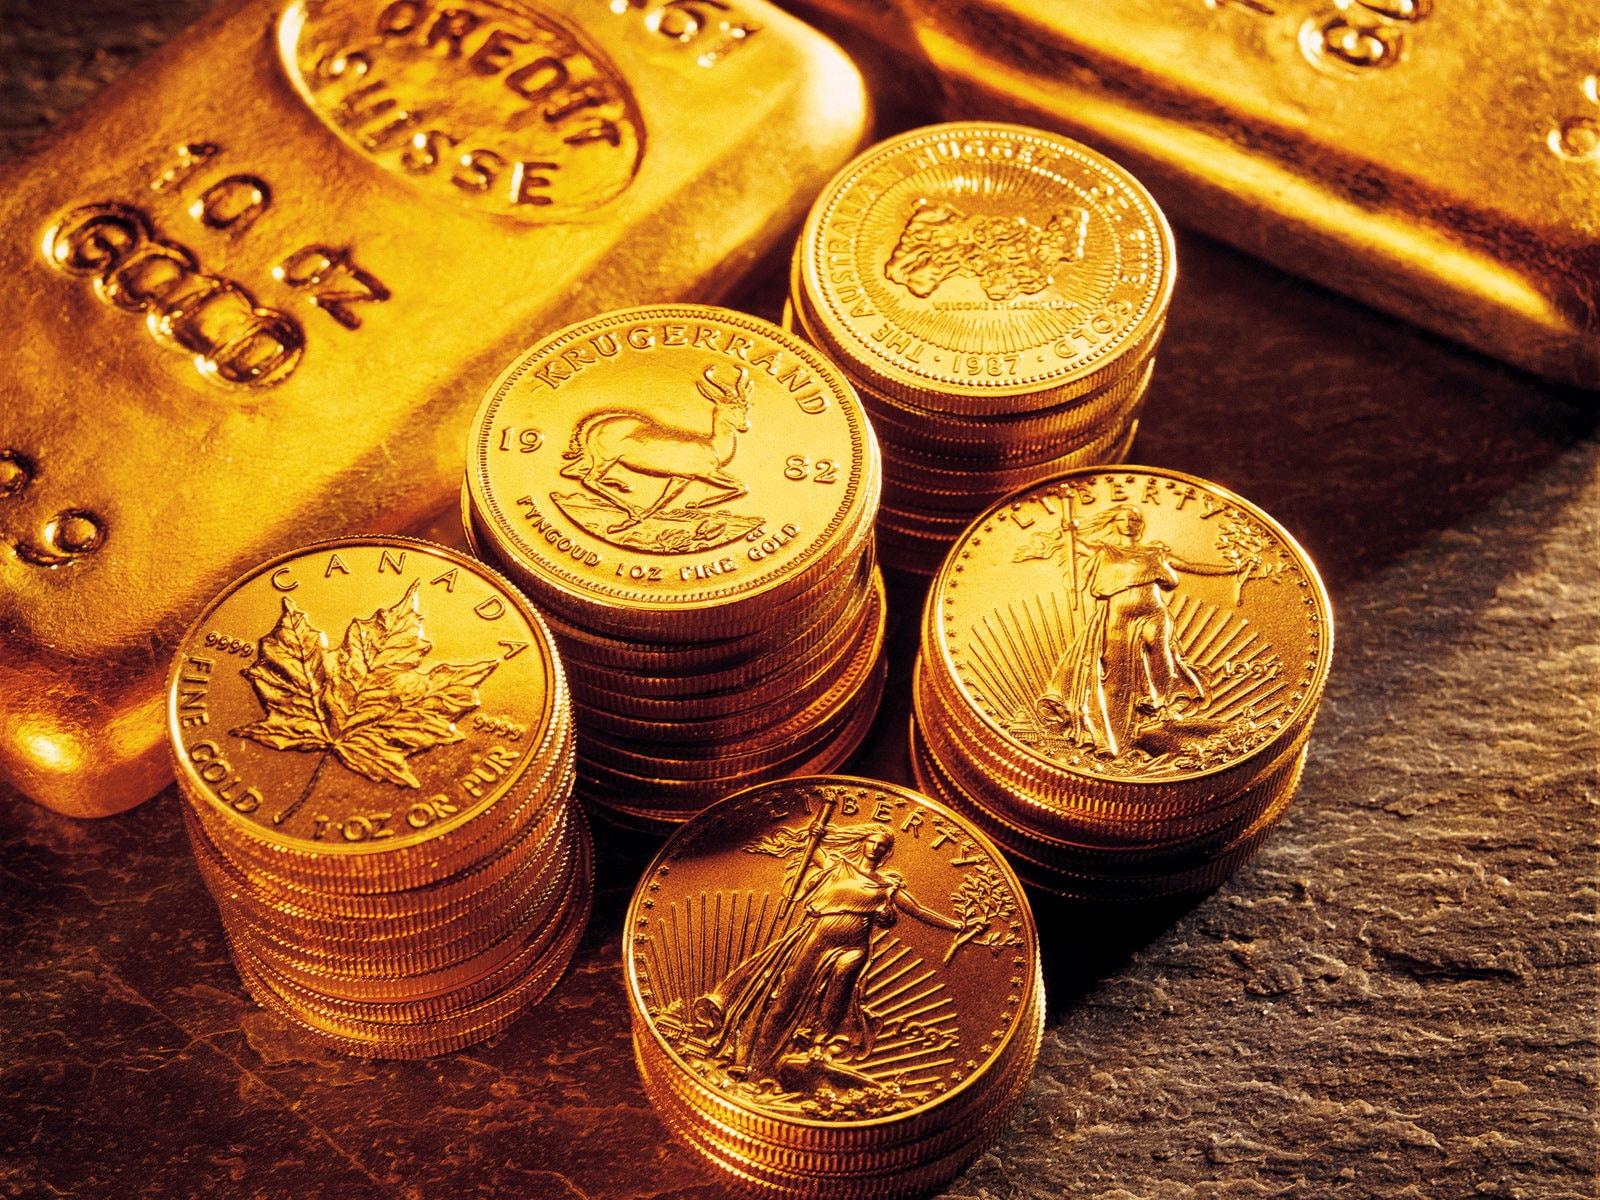 10 raisons de posséder de l'or et de l'argent selon Mike Maloney